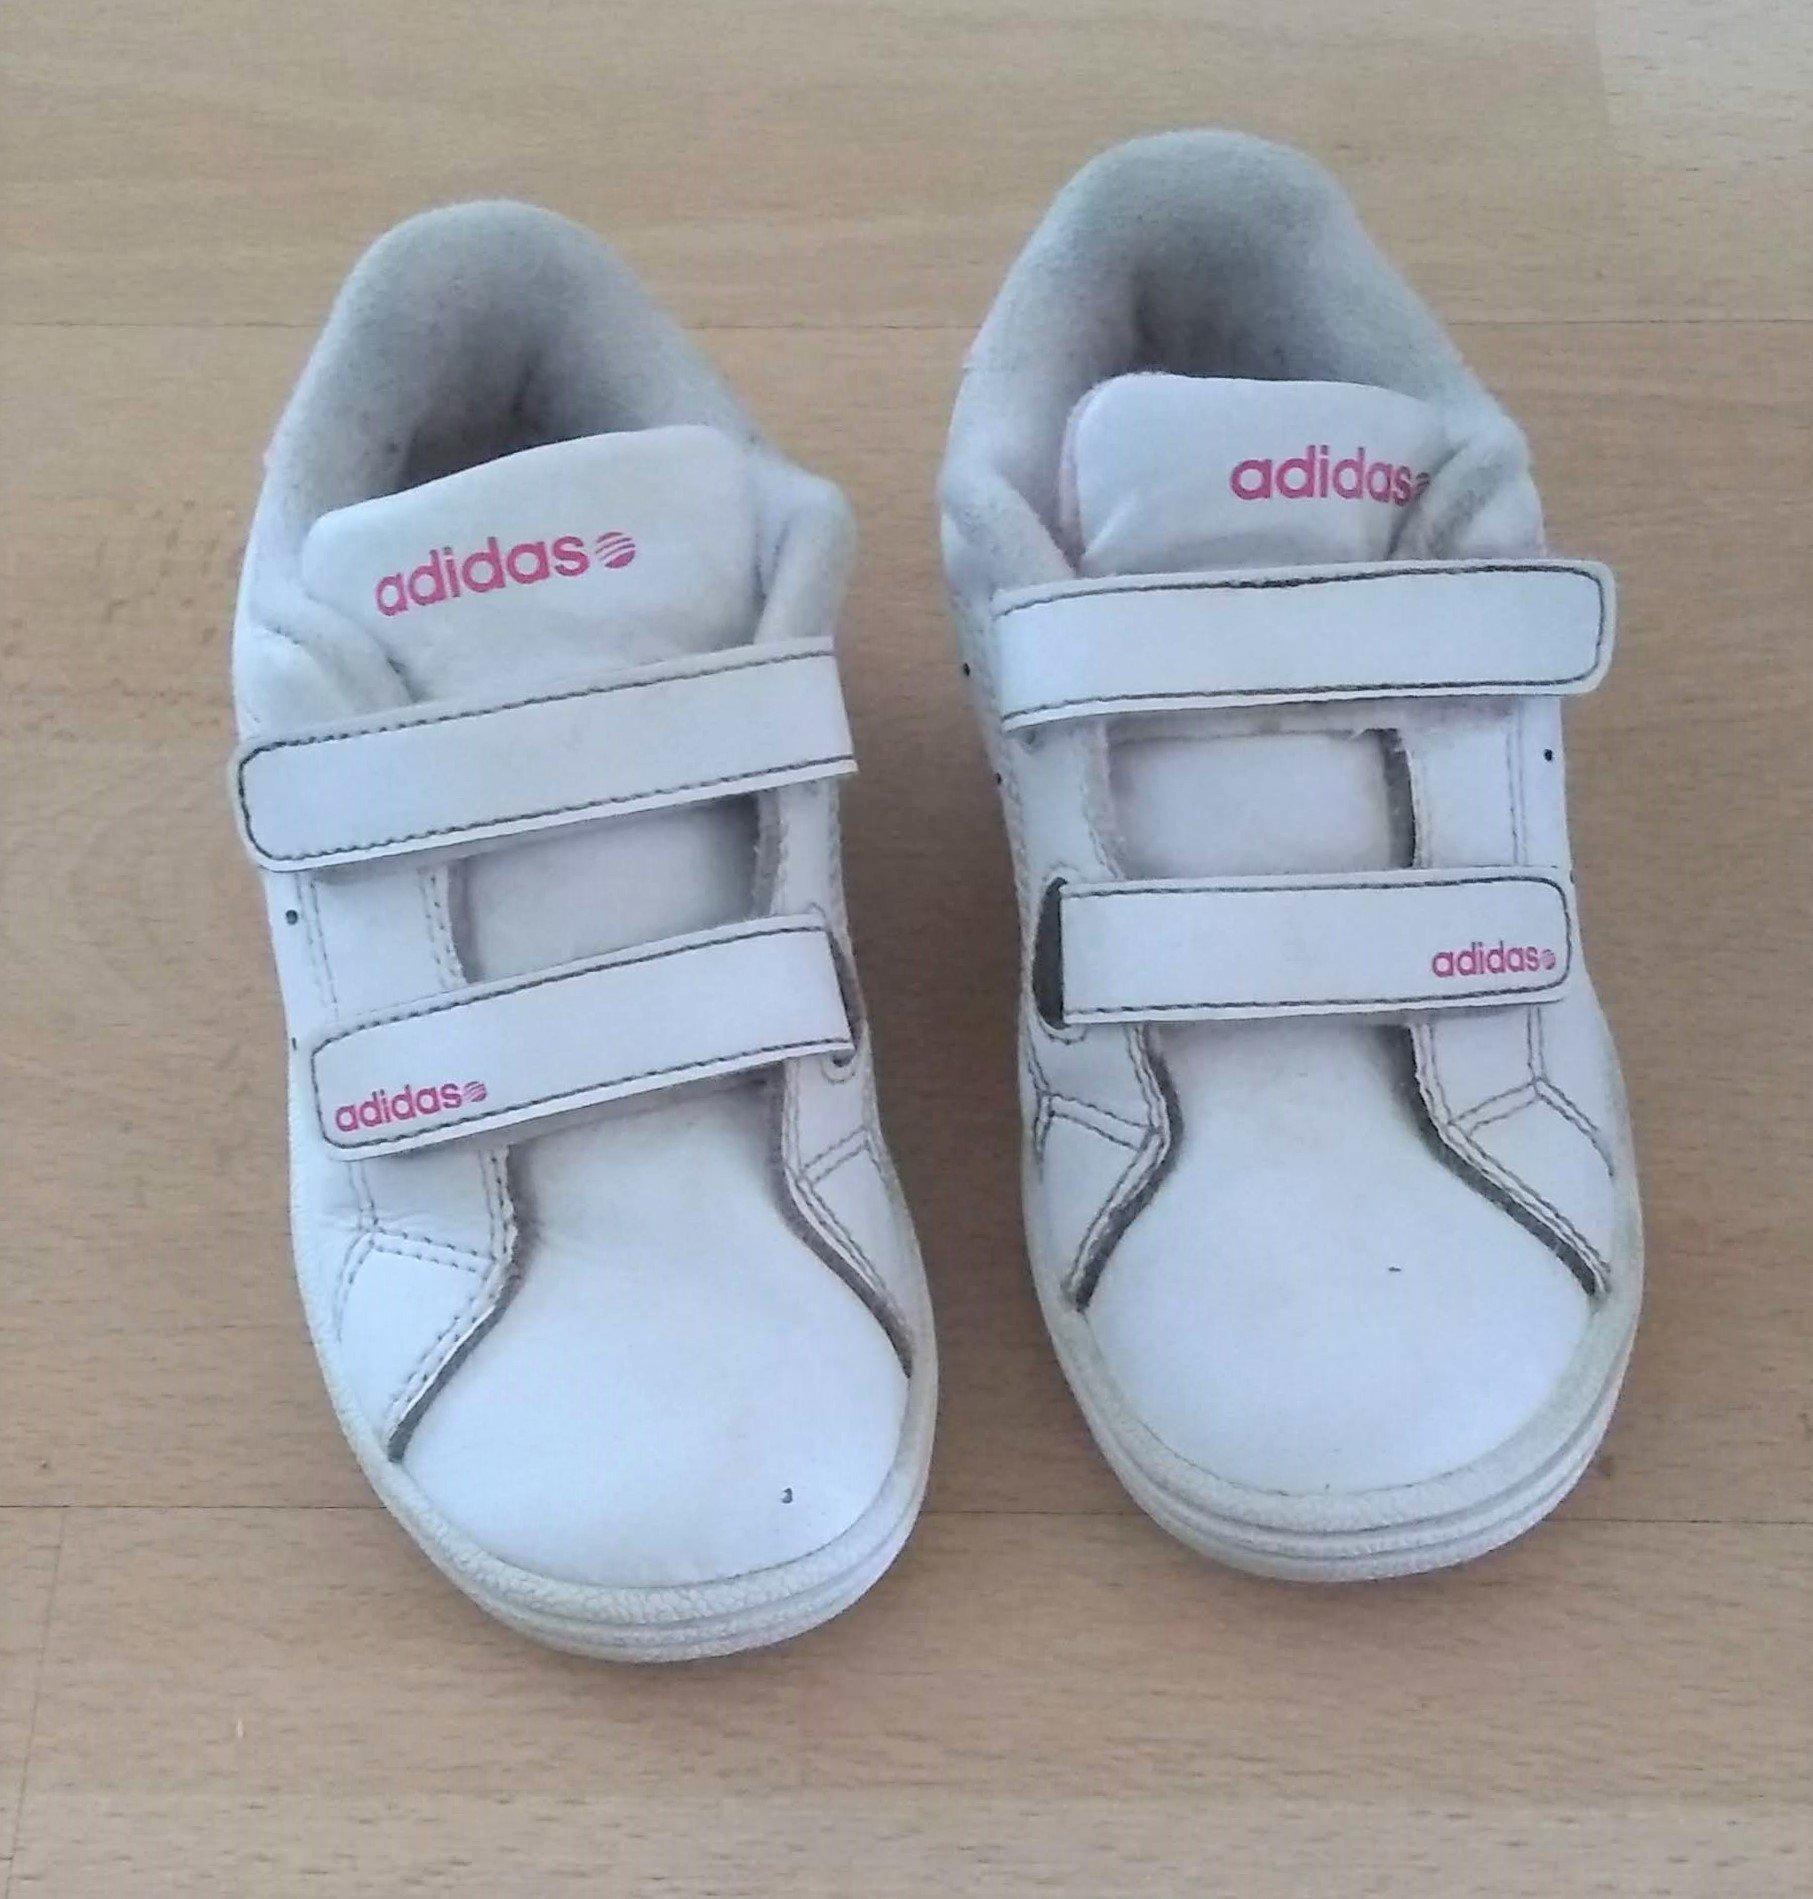 72b04d0d0bf Snygga Adidas sneakers i stl 26 (352760298) ᐈ Köp på Tradera